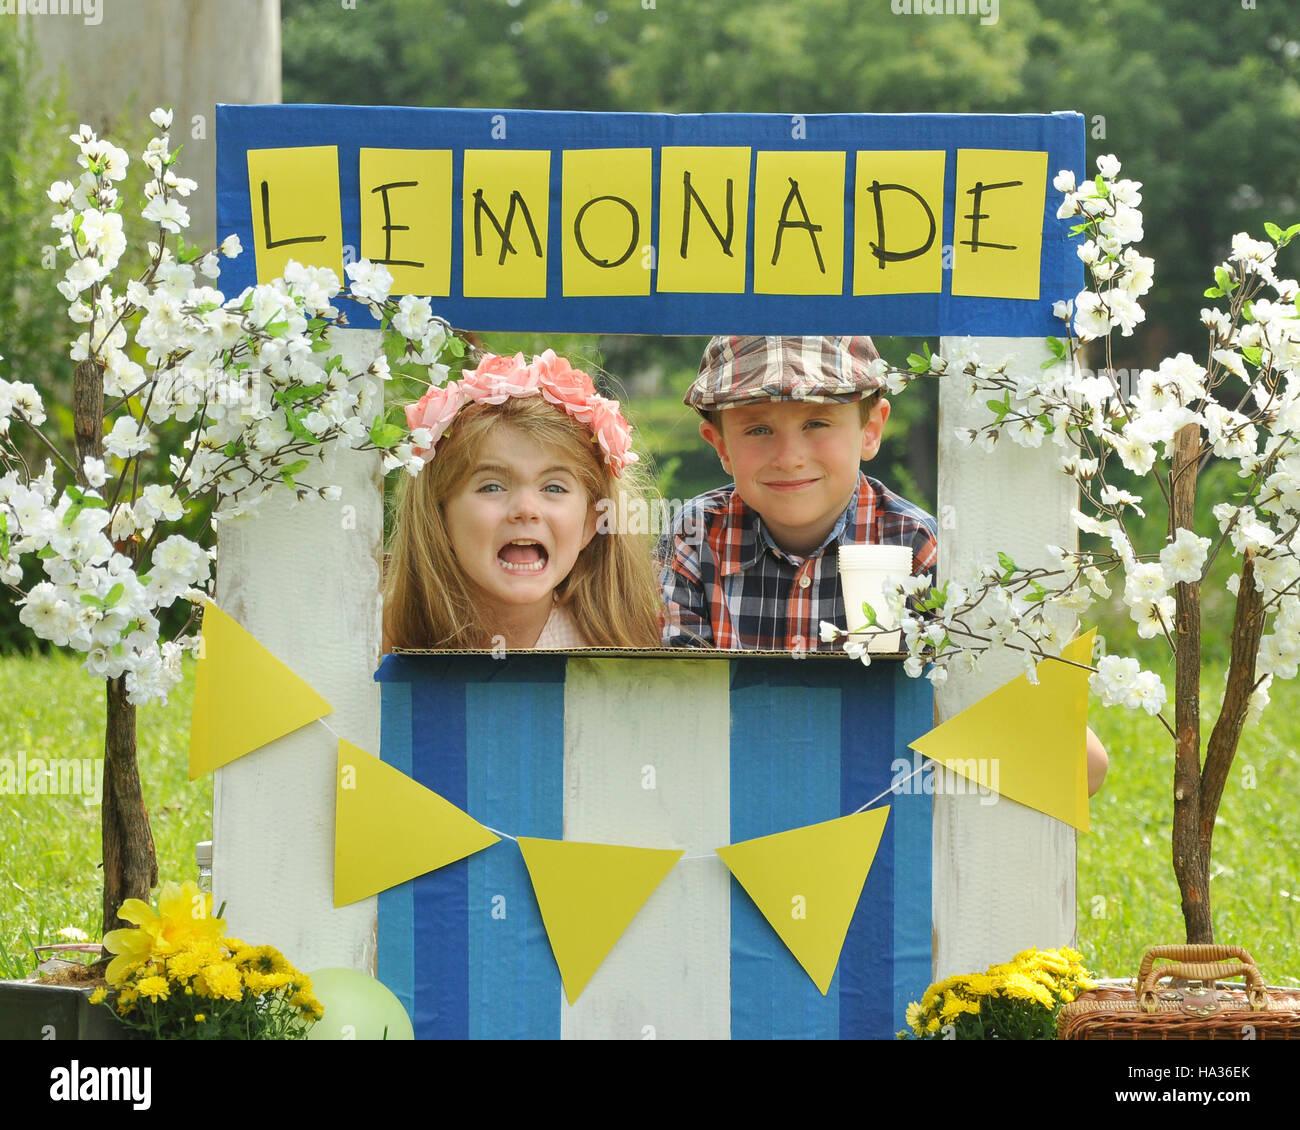 Deux jeunes enfants vendent à une limonade limonade fait maison se tiennent sur une journée ensoleillée avec un signe pour un entrepreneur concept. Banque D'Images